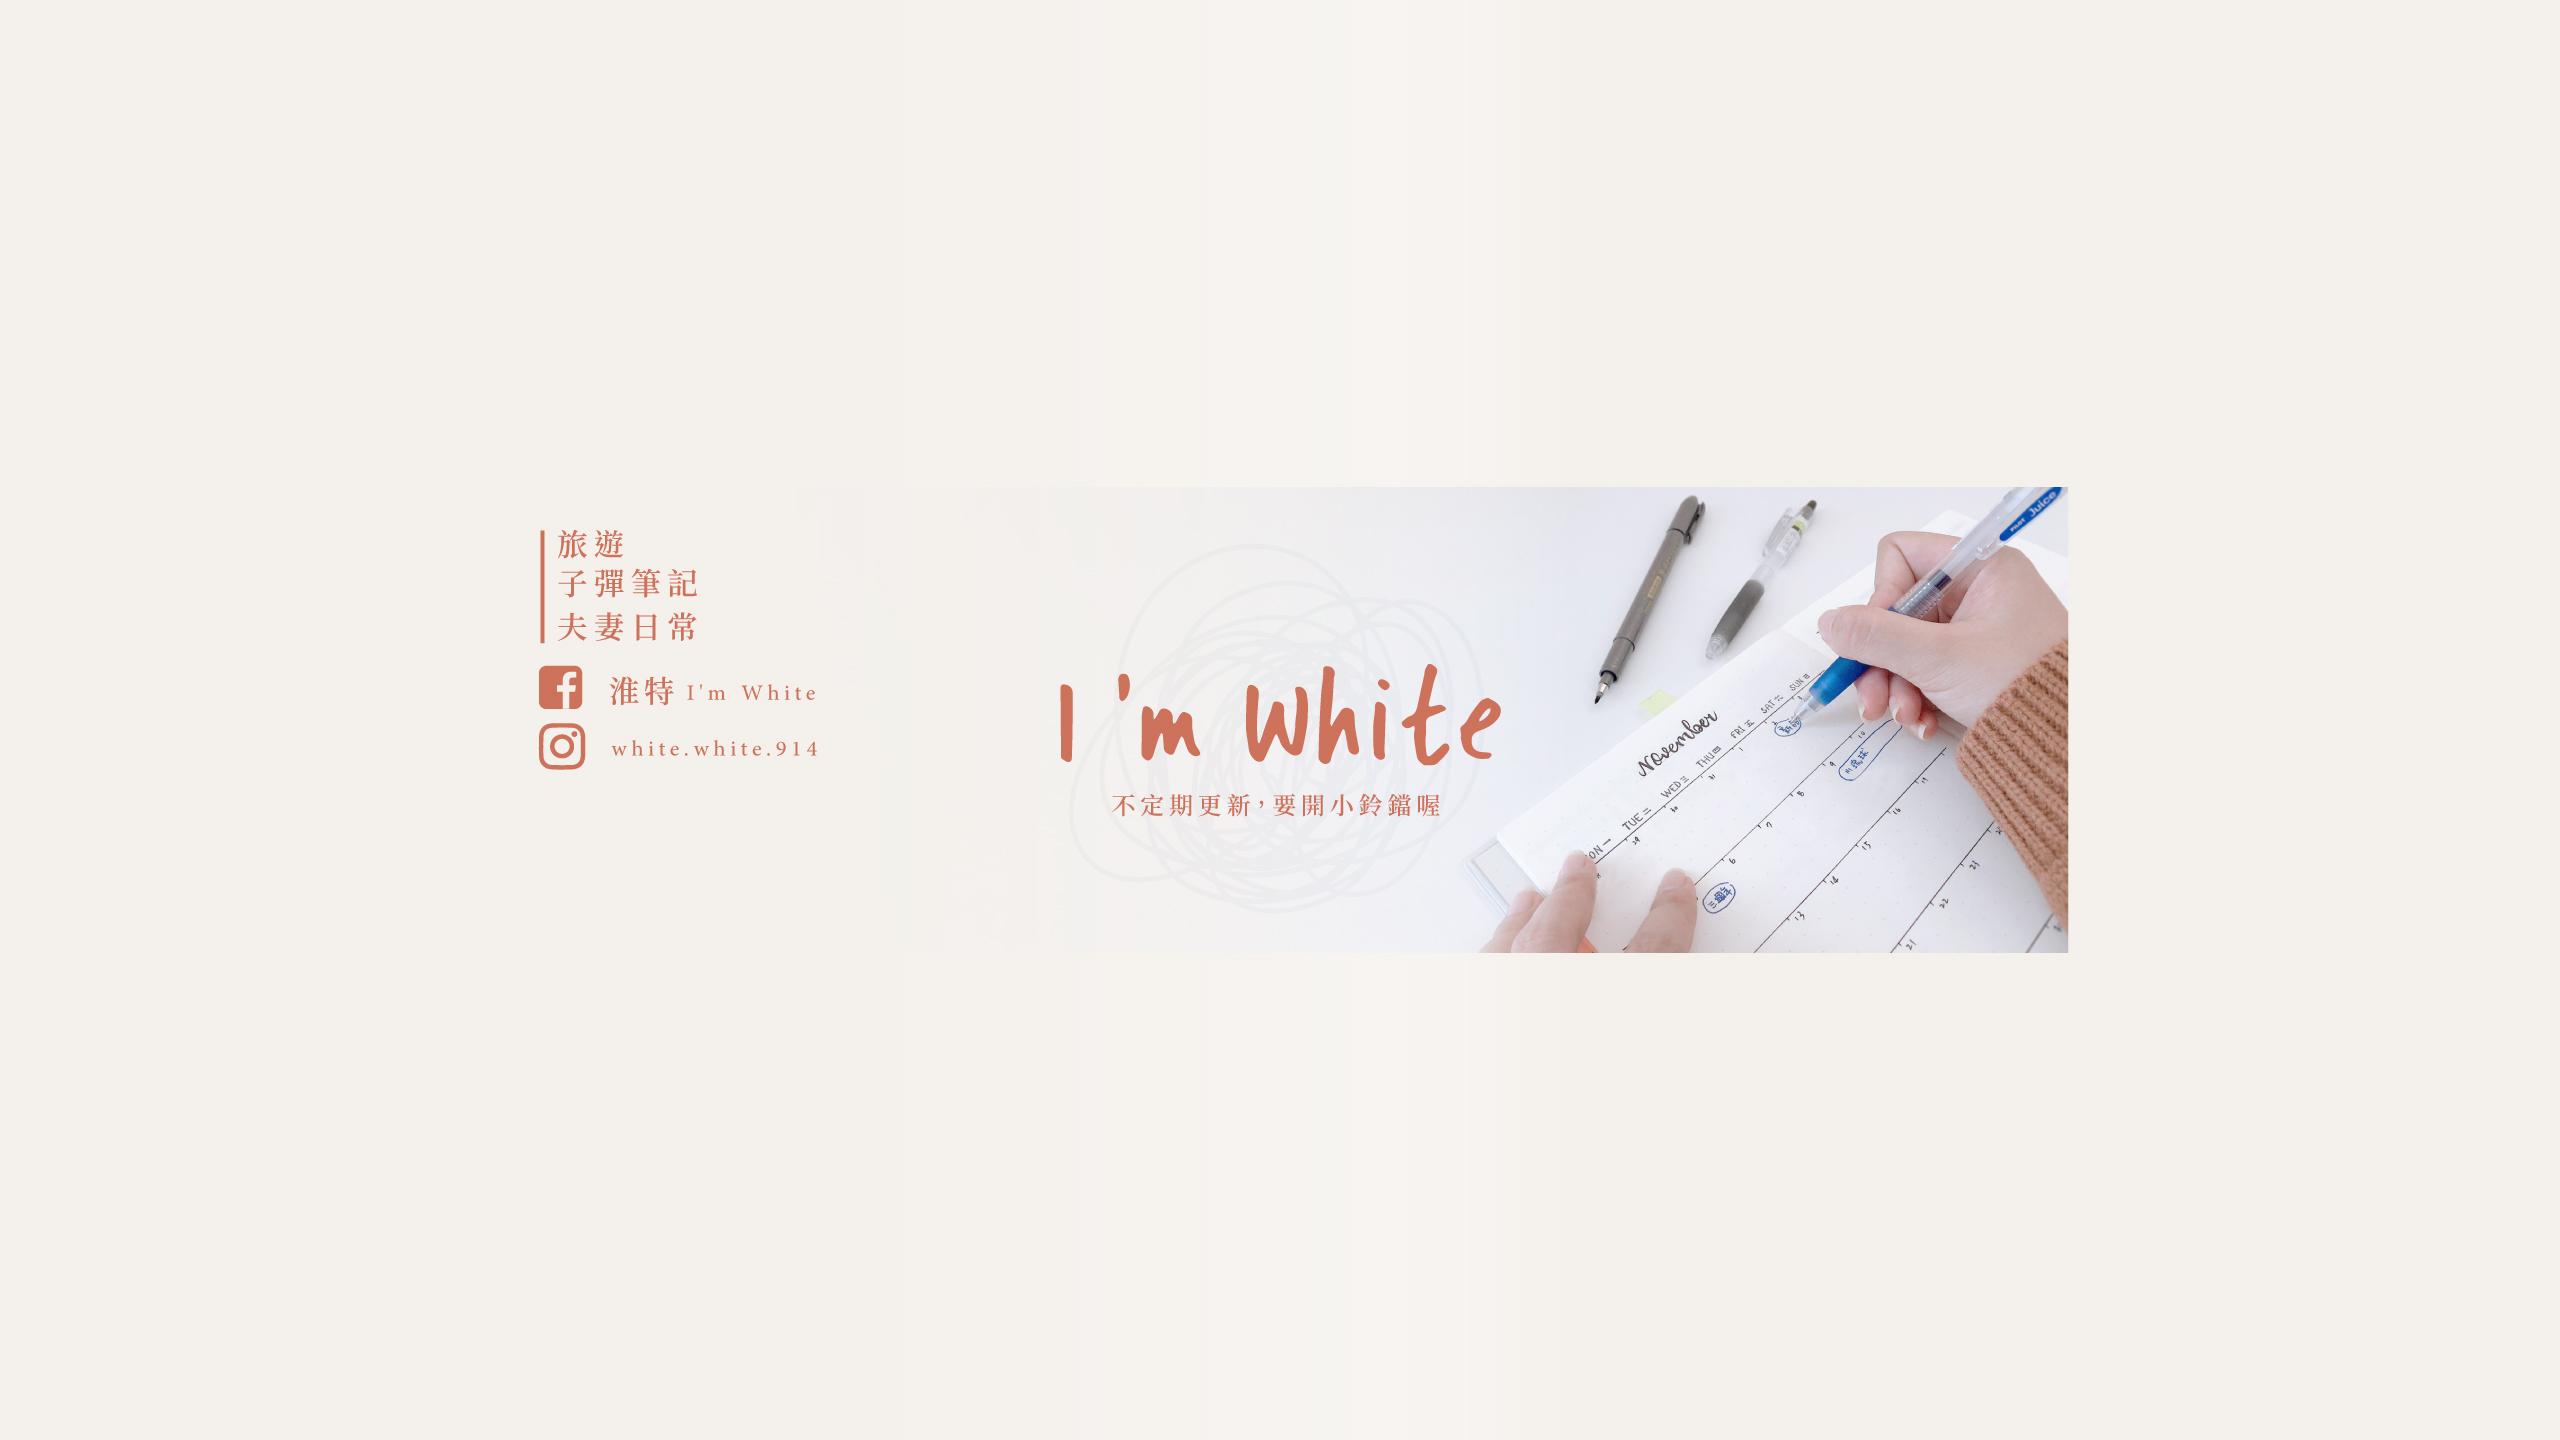 淮特 White White 首圖